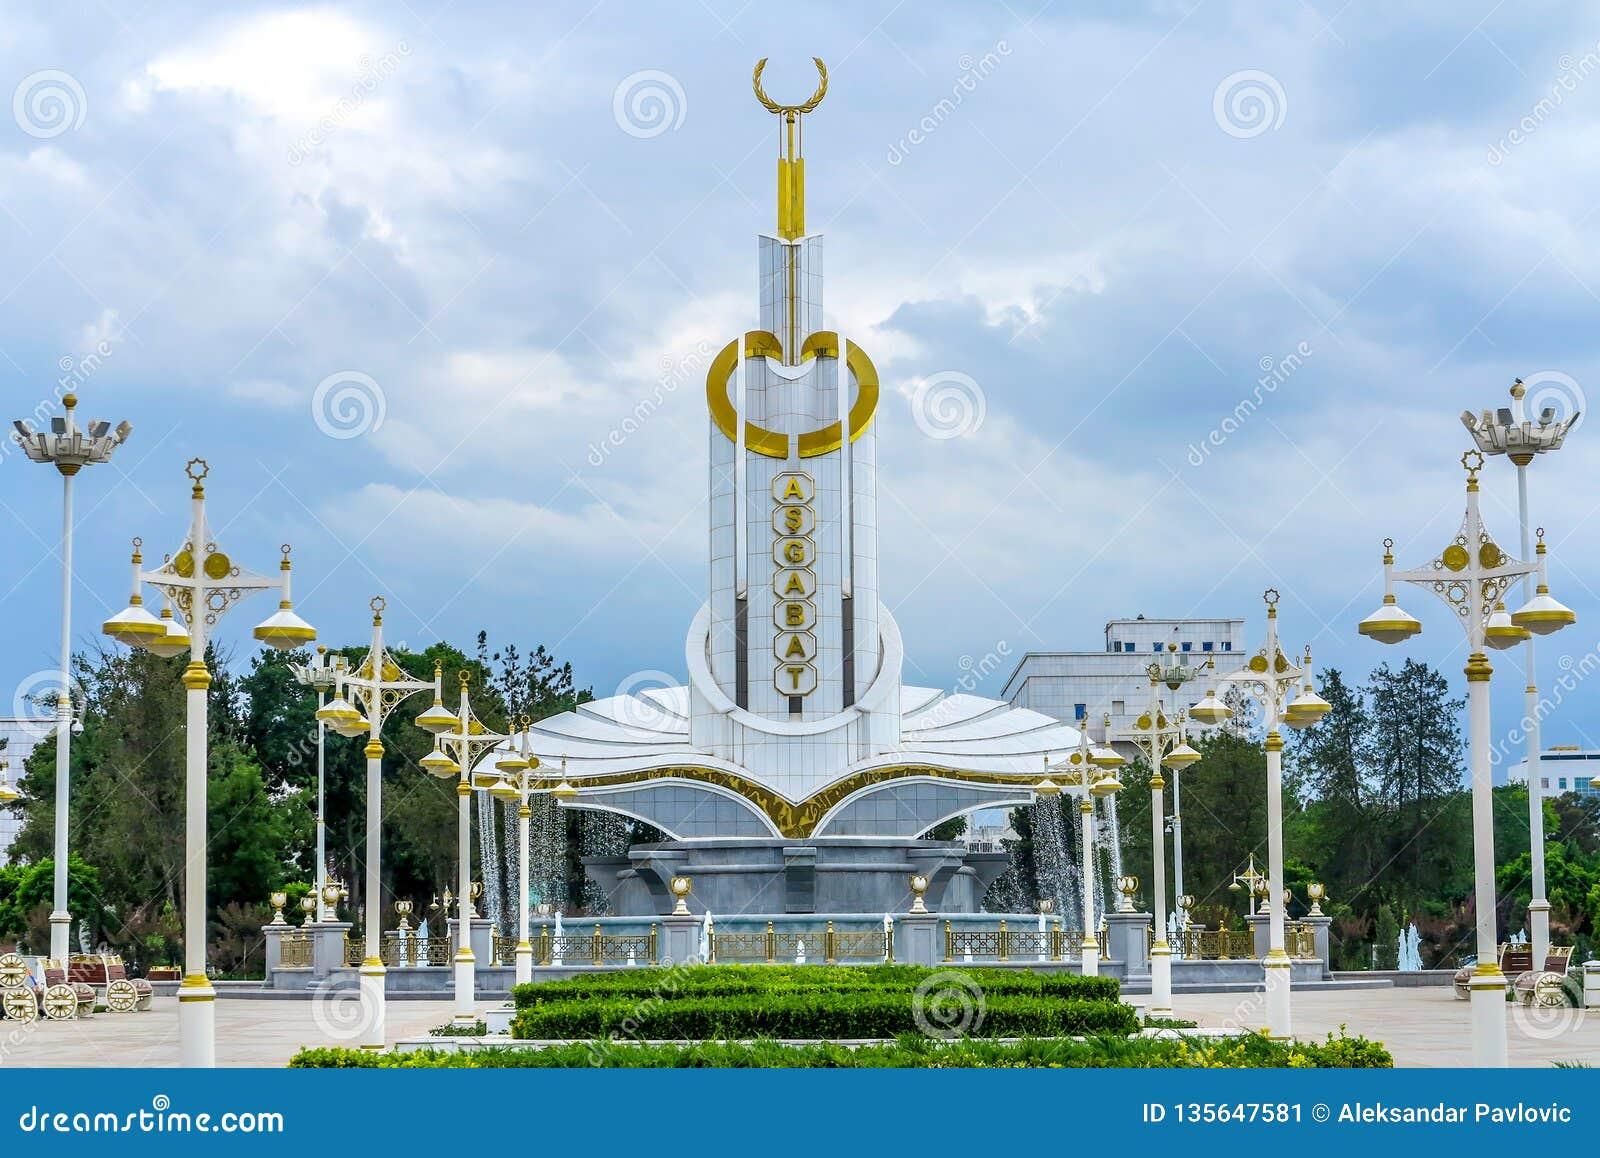 Aschgabat-Monument mit Kranz